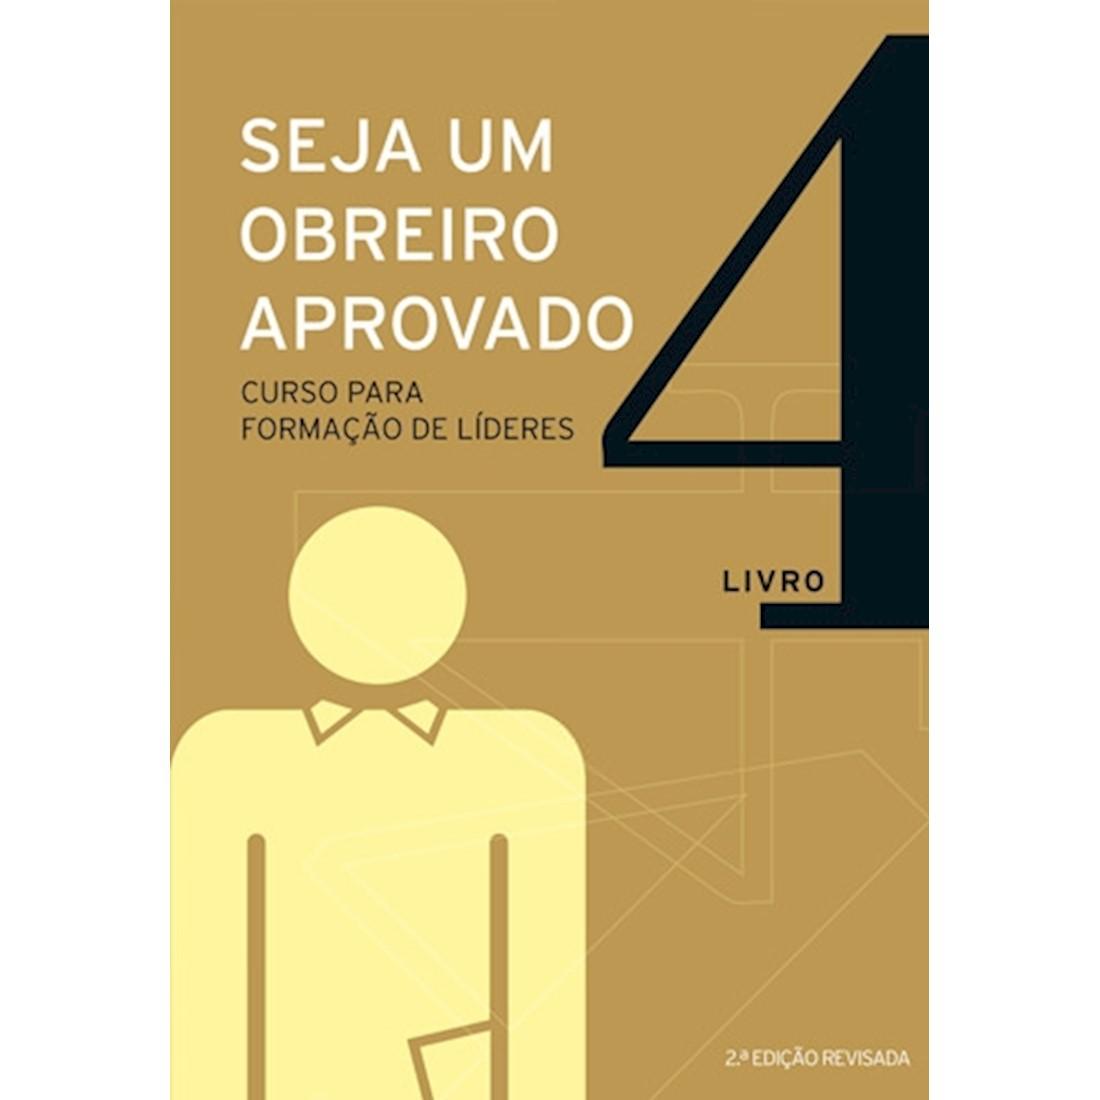 Livro Seja um Obreiro Aprovado - Livro 4 (Nova Edição)